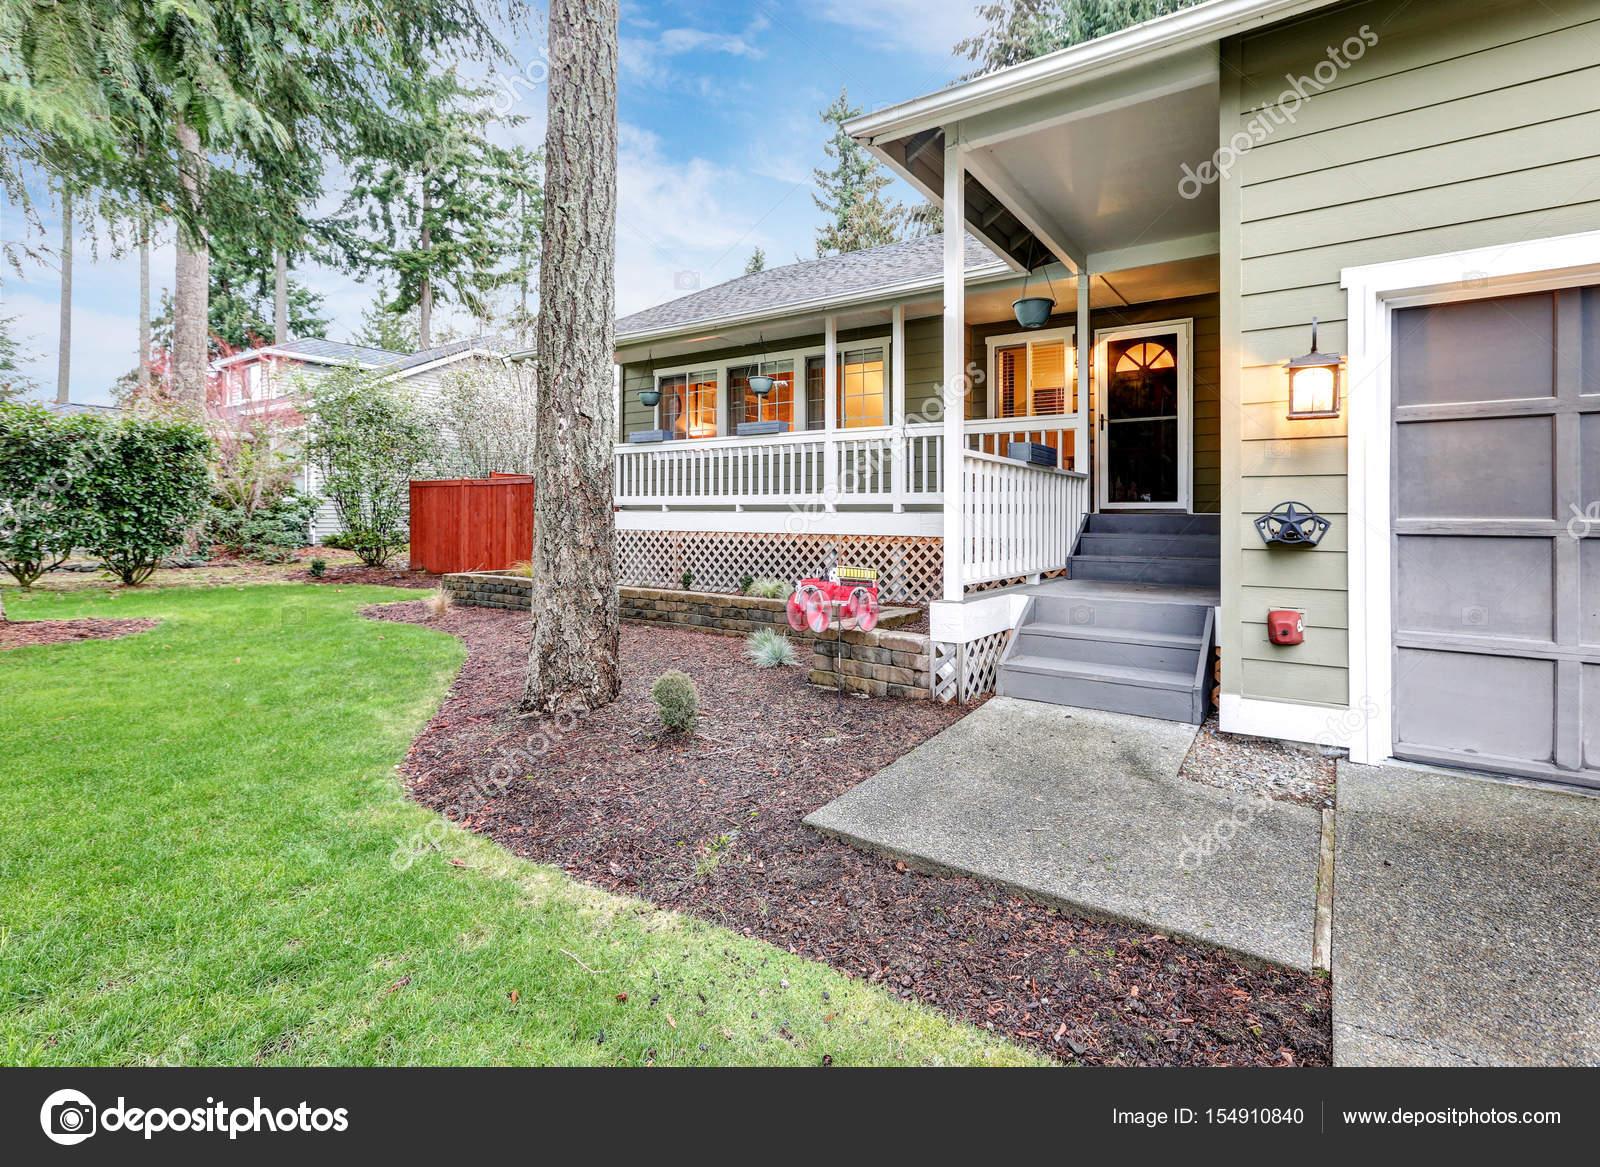 Mooie huis buitenkant met gastvrij bedekt veranda u stockfoto